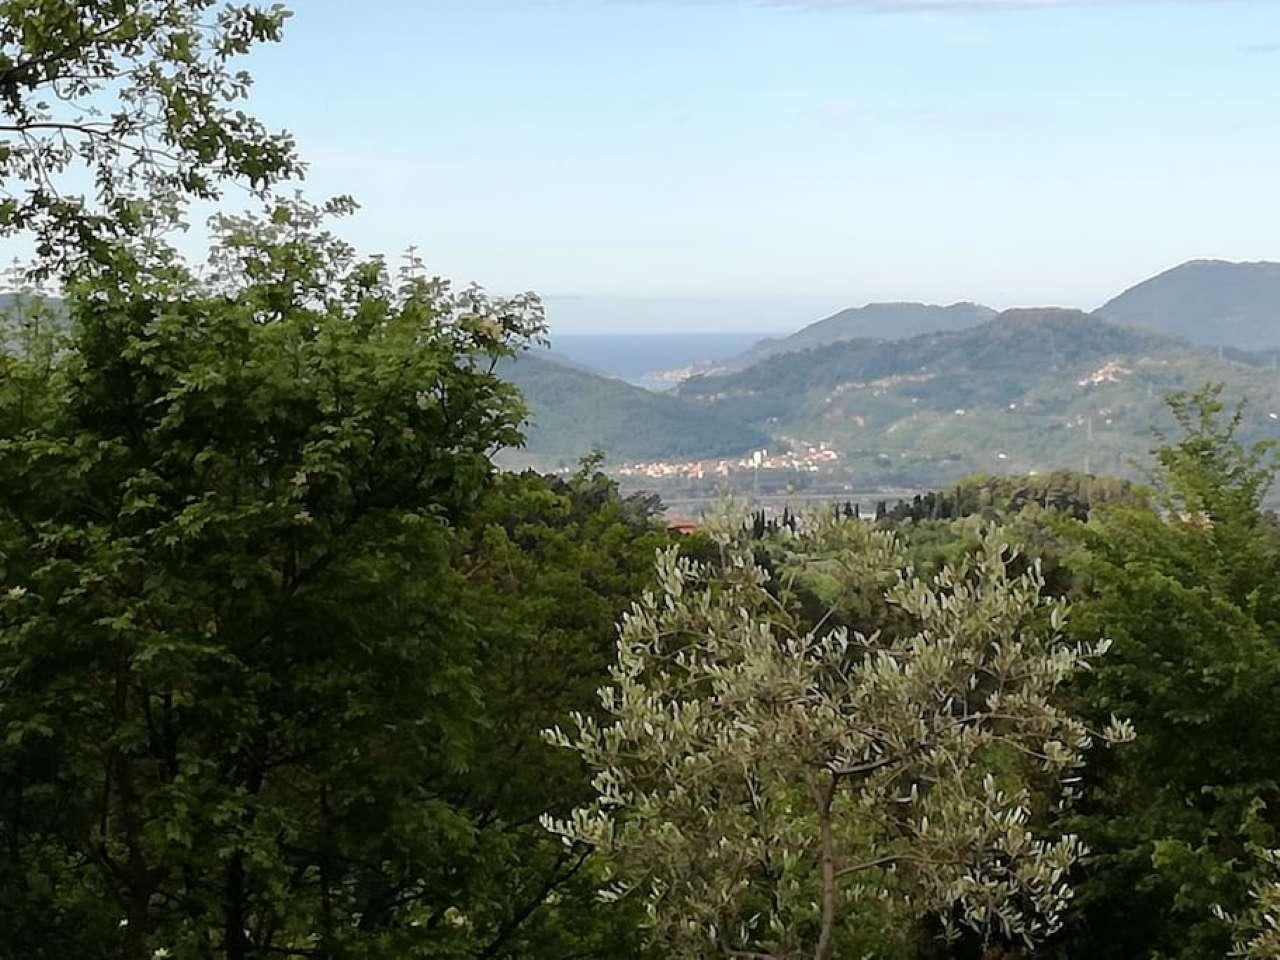 Affitto turistico casale in pietra sulle colline di Fosdinovo Rif. 6936581